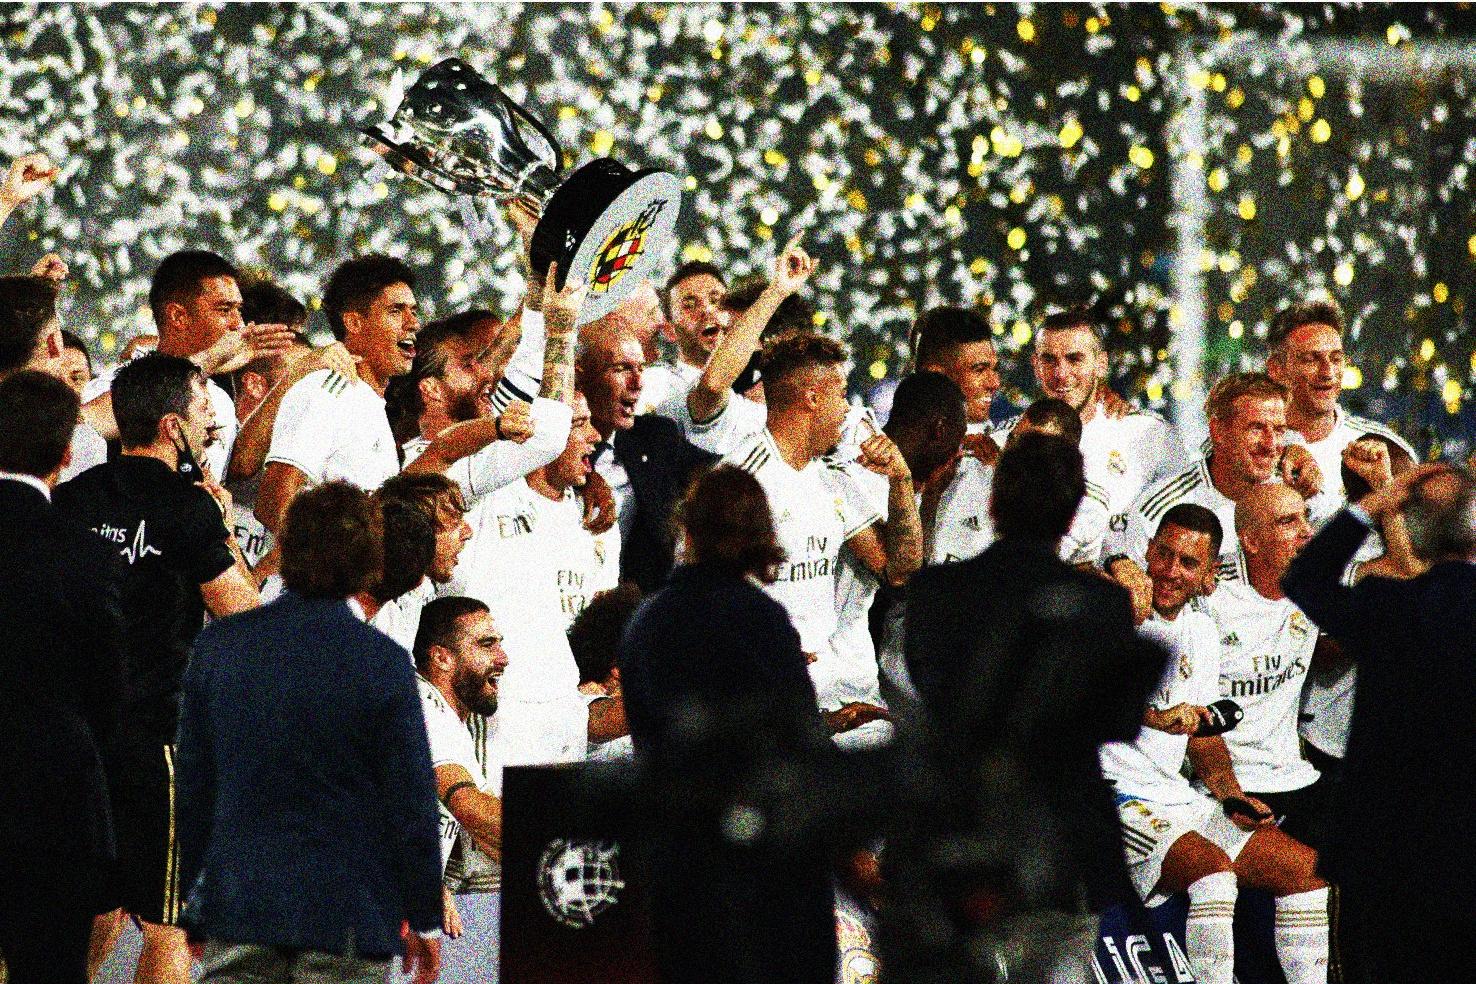 Photo of Ռեալը 6-րդն է աշխարհի ամենաթանկարժեք ակումբների ցանկում, Բարսելոնան՝ 8-րդը